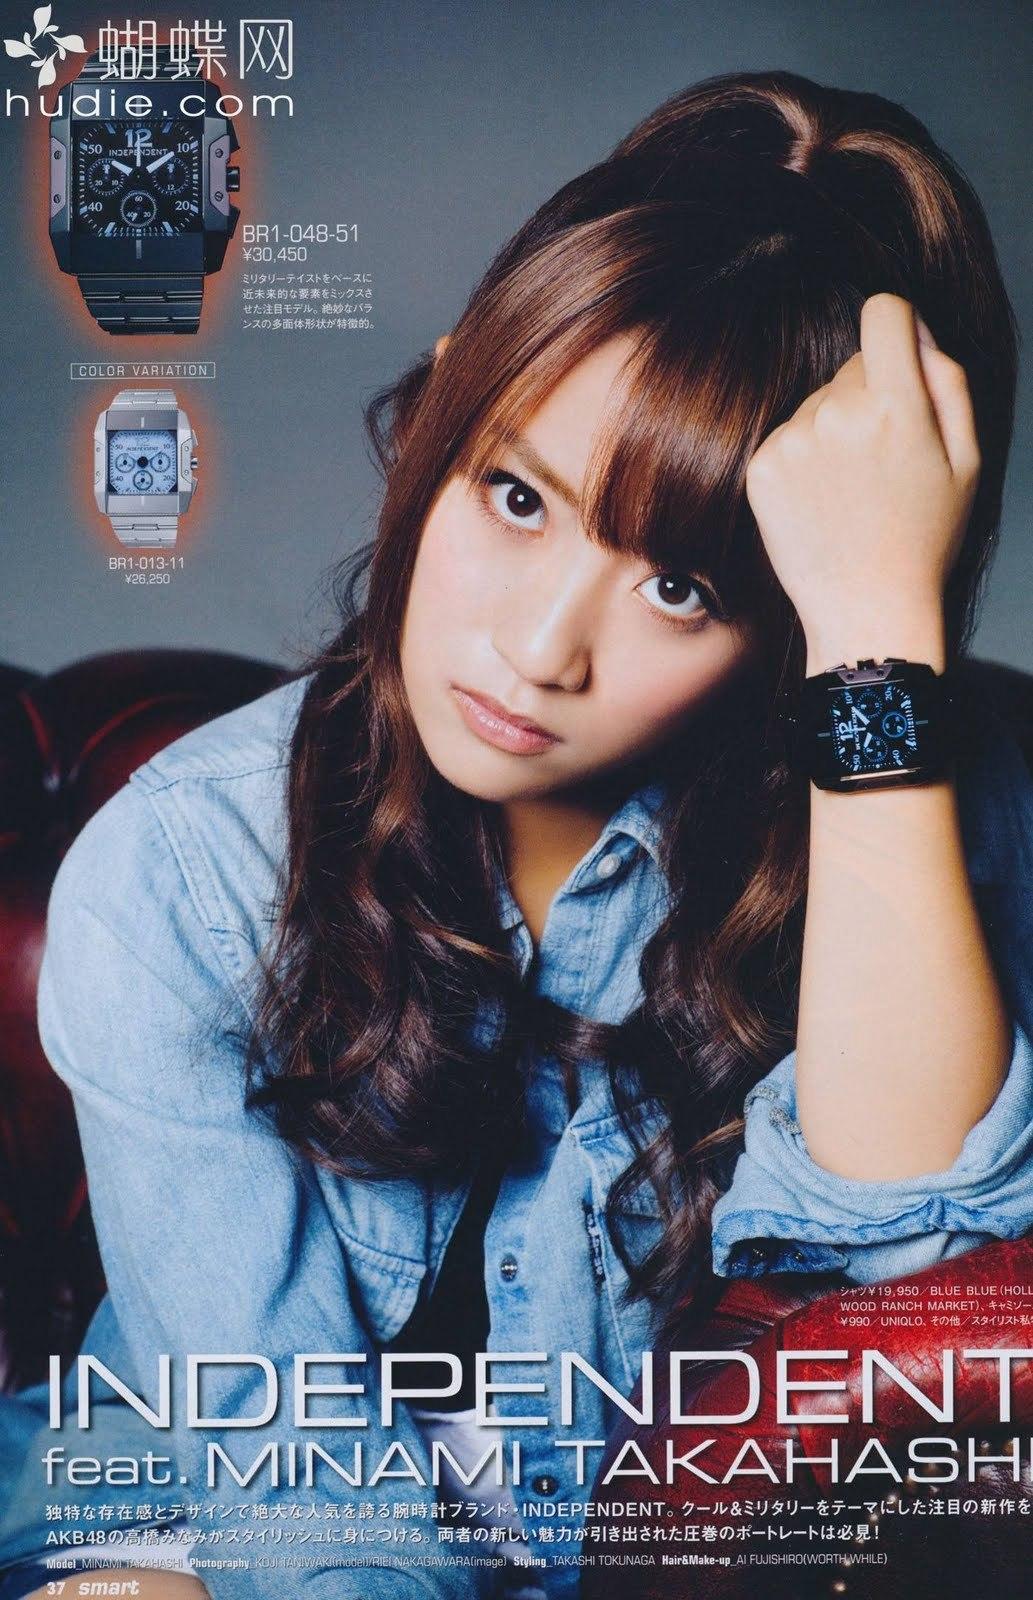 takahashi_minami076.jpg